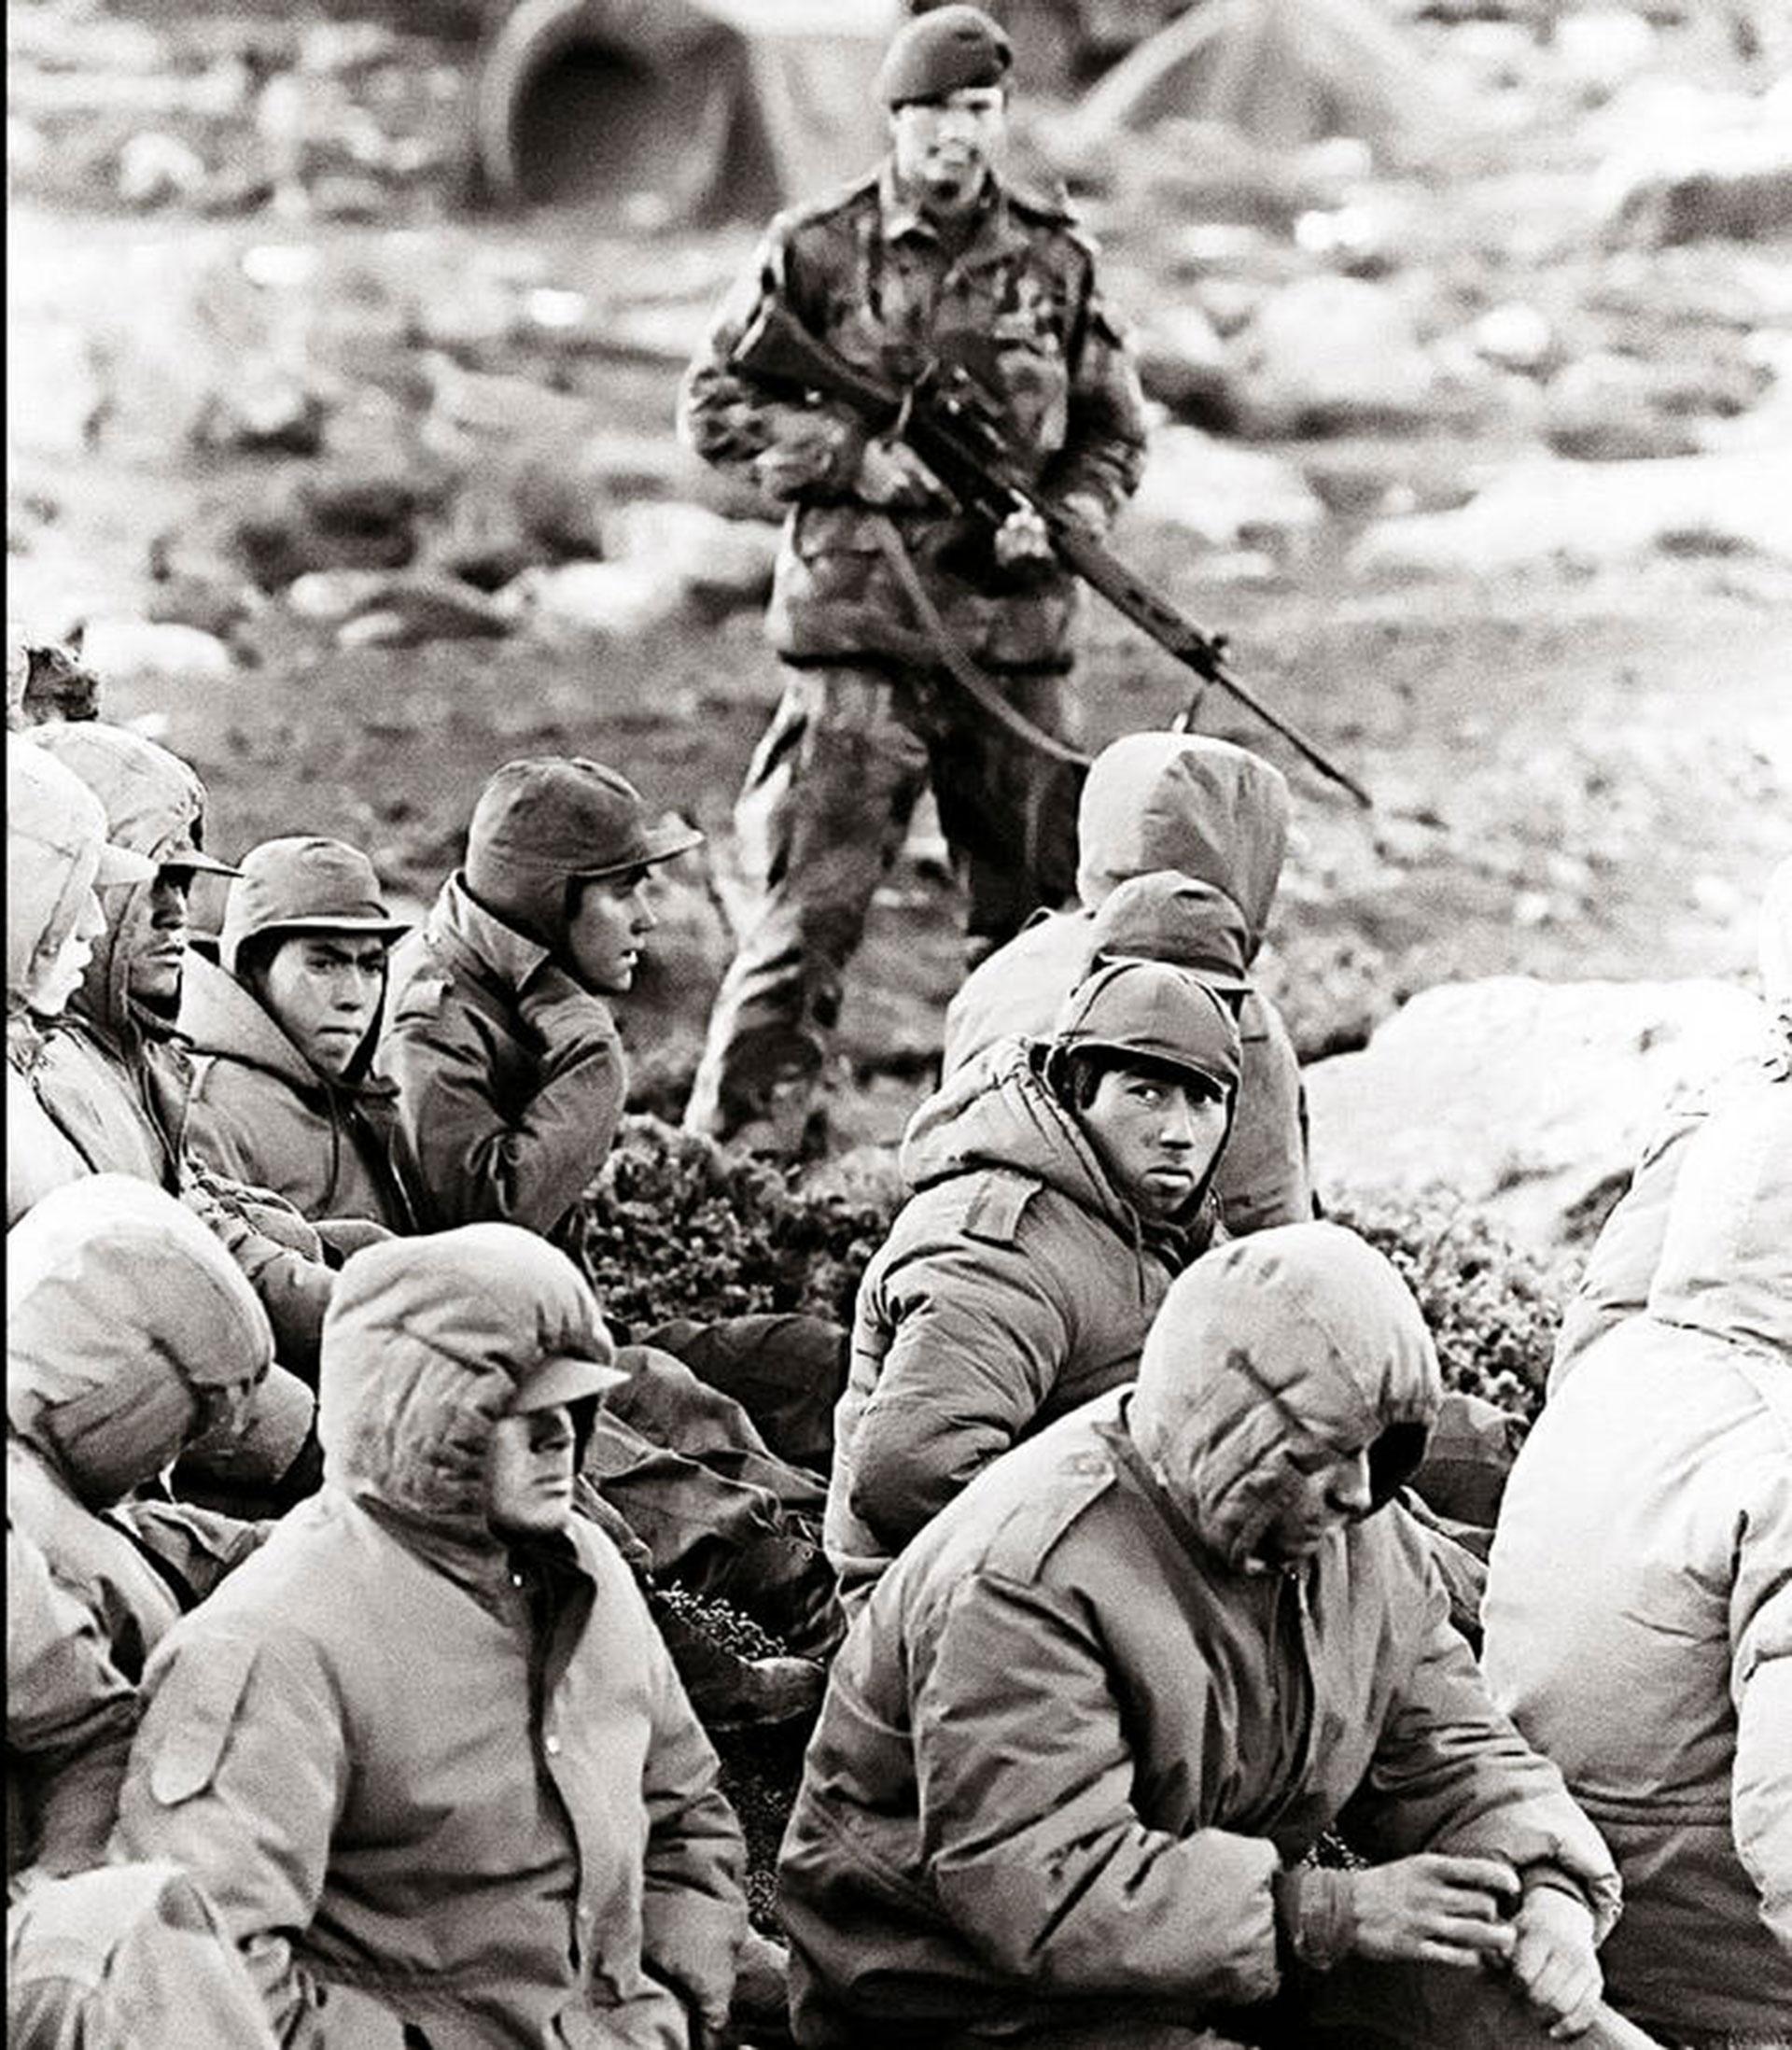 Los británicos se prepararon para el último asalto y desalojaron las posiciones de los argentinos sobrevivientes del RI 7 en la zona del Wireless Ridge y Camber; al Este de Puerto Argentino y en el aeropuerto varias unidades estaban inmovilizadas y no participaron en la batalla